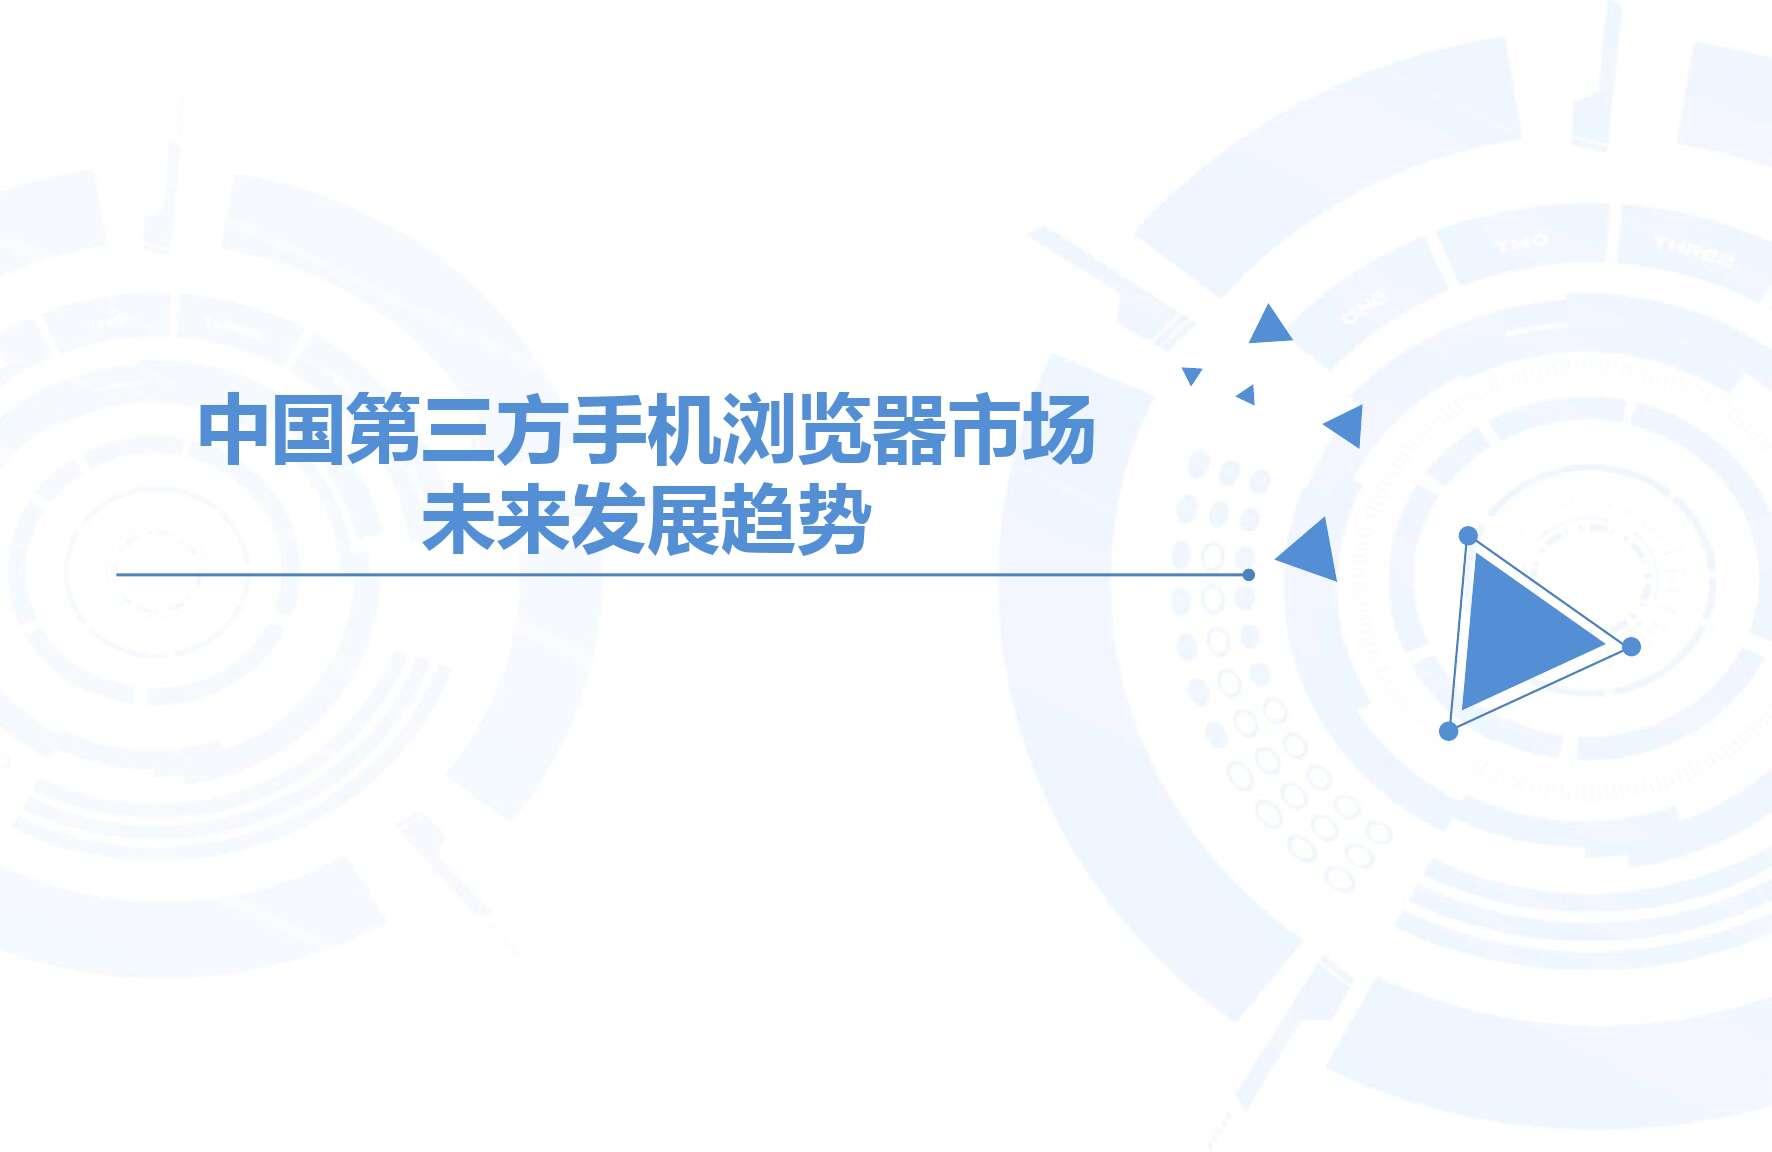 艾媒咨询:2015-2016年中国手机浏览器市场研究报告_000030